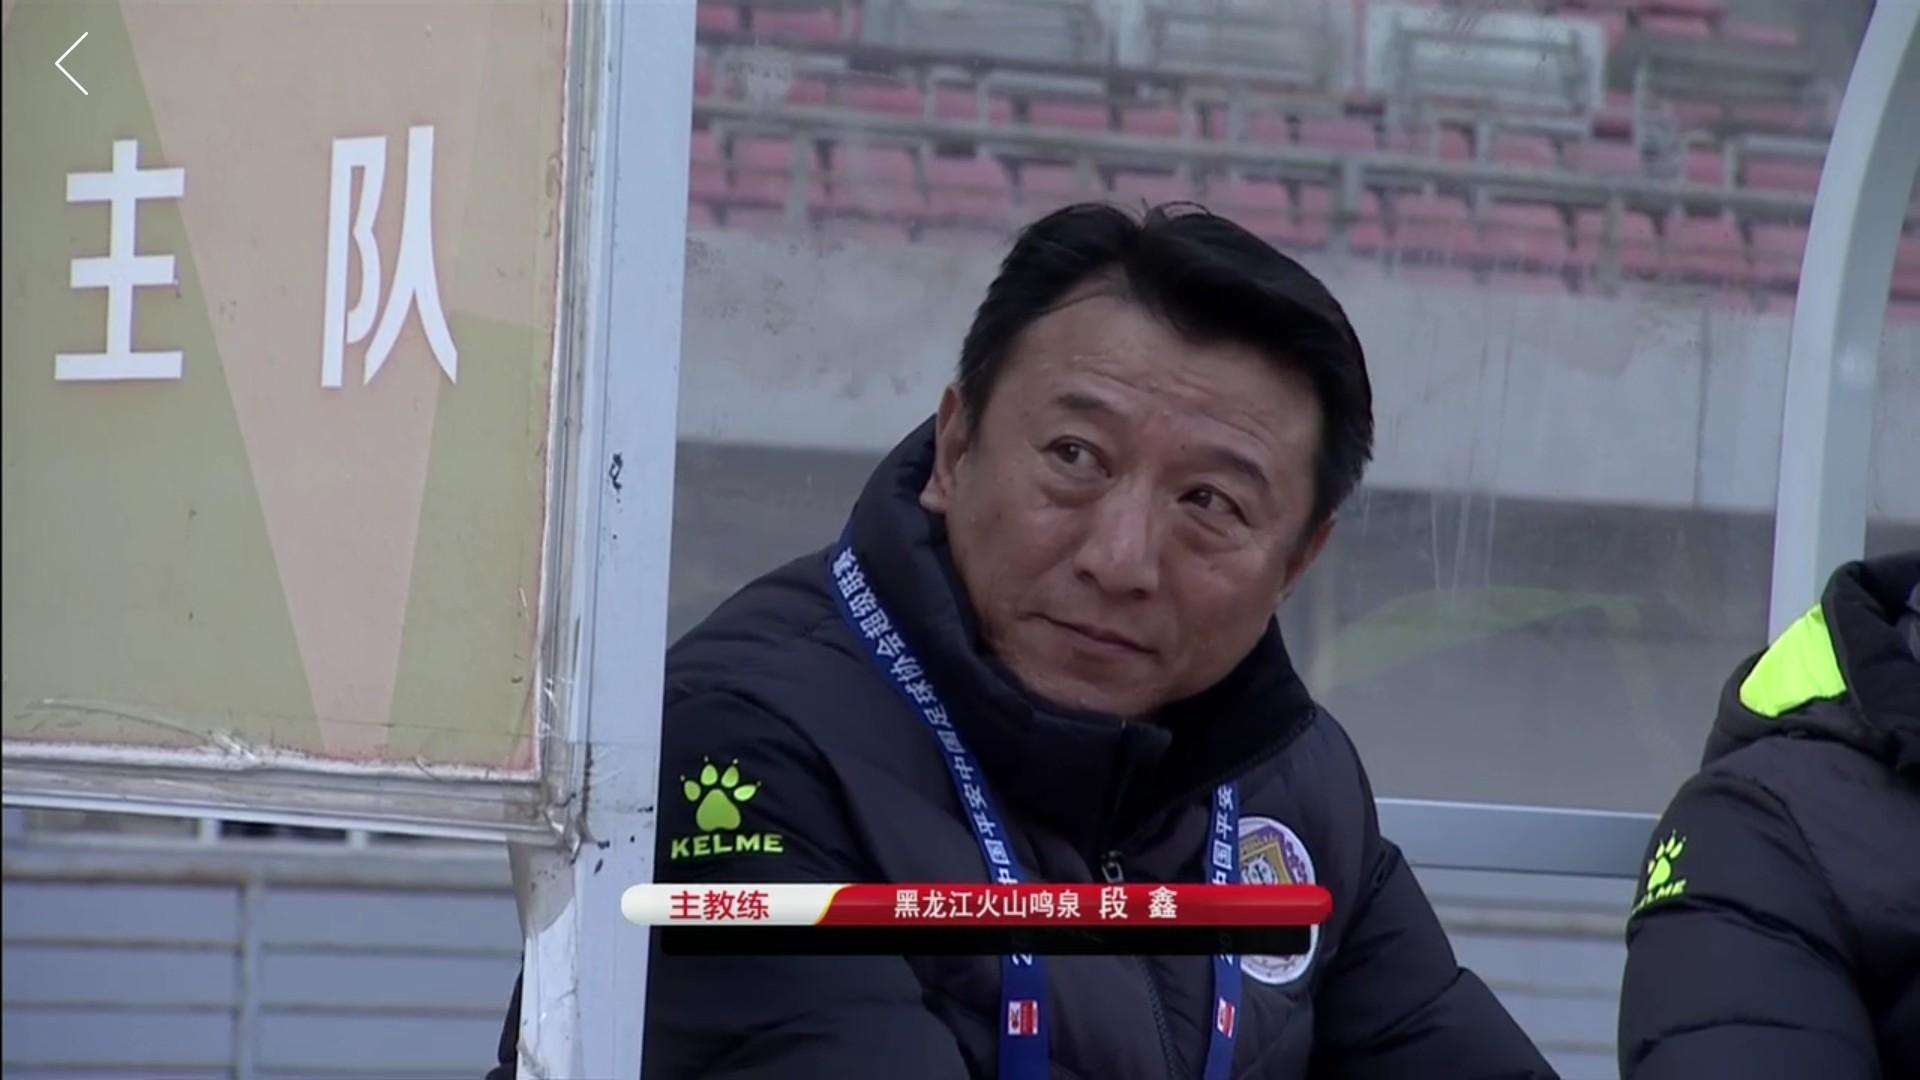 2017赛季中乙联赛繁华落幕,黑龙江火山鸣泉成